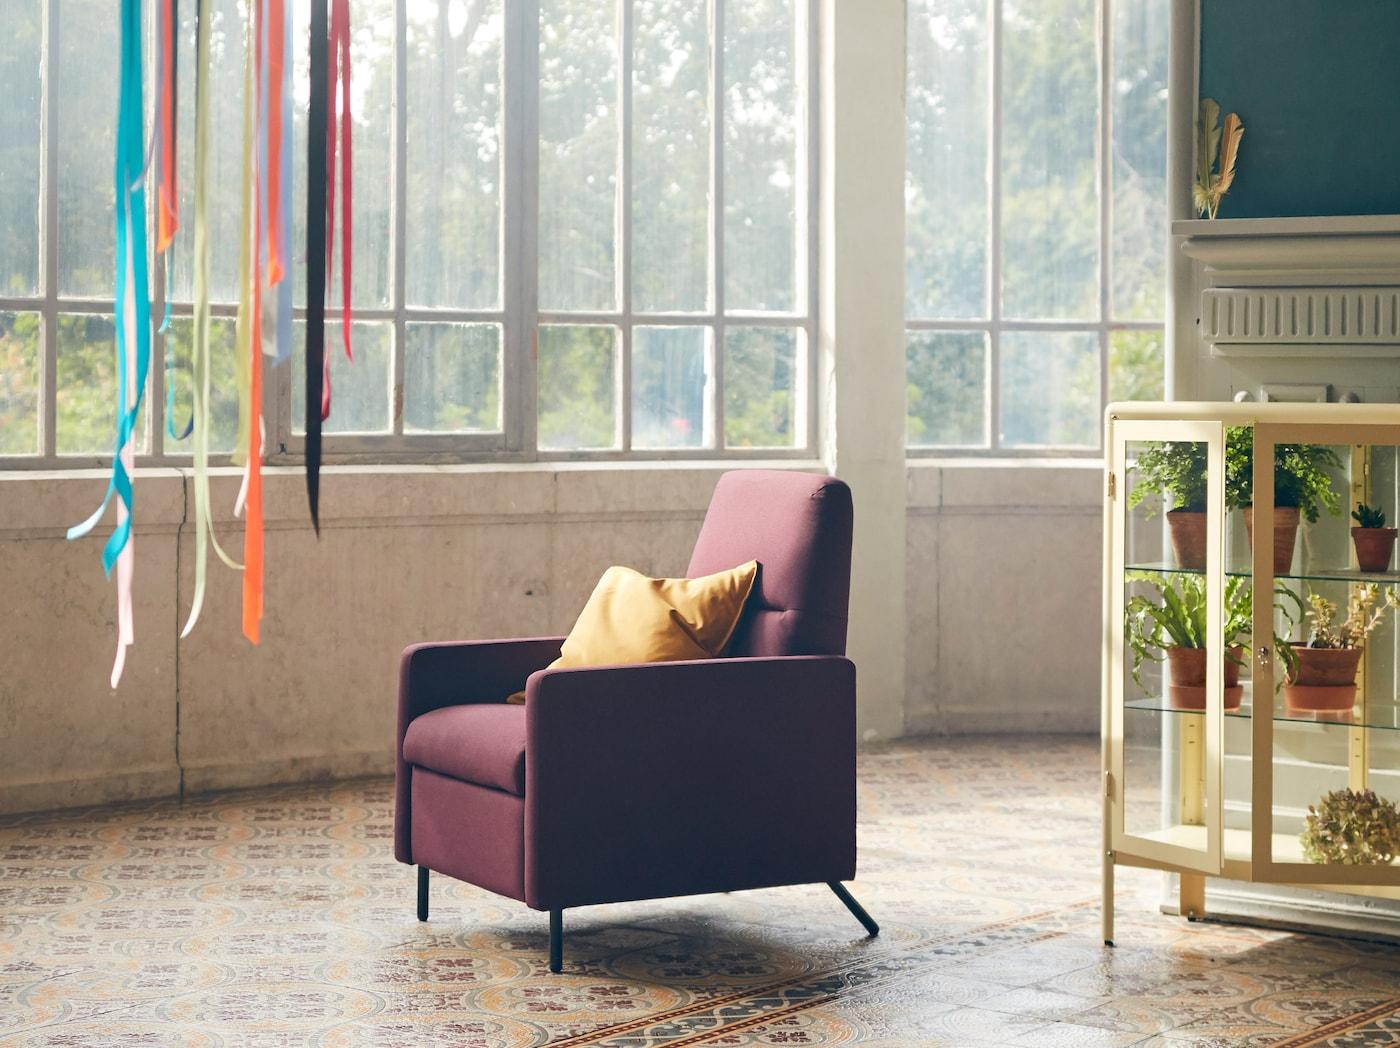 Una stanza con grandi finestre e una poltrona reclinabile GISTAD con un cuscino giallo - IKEA